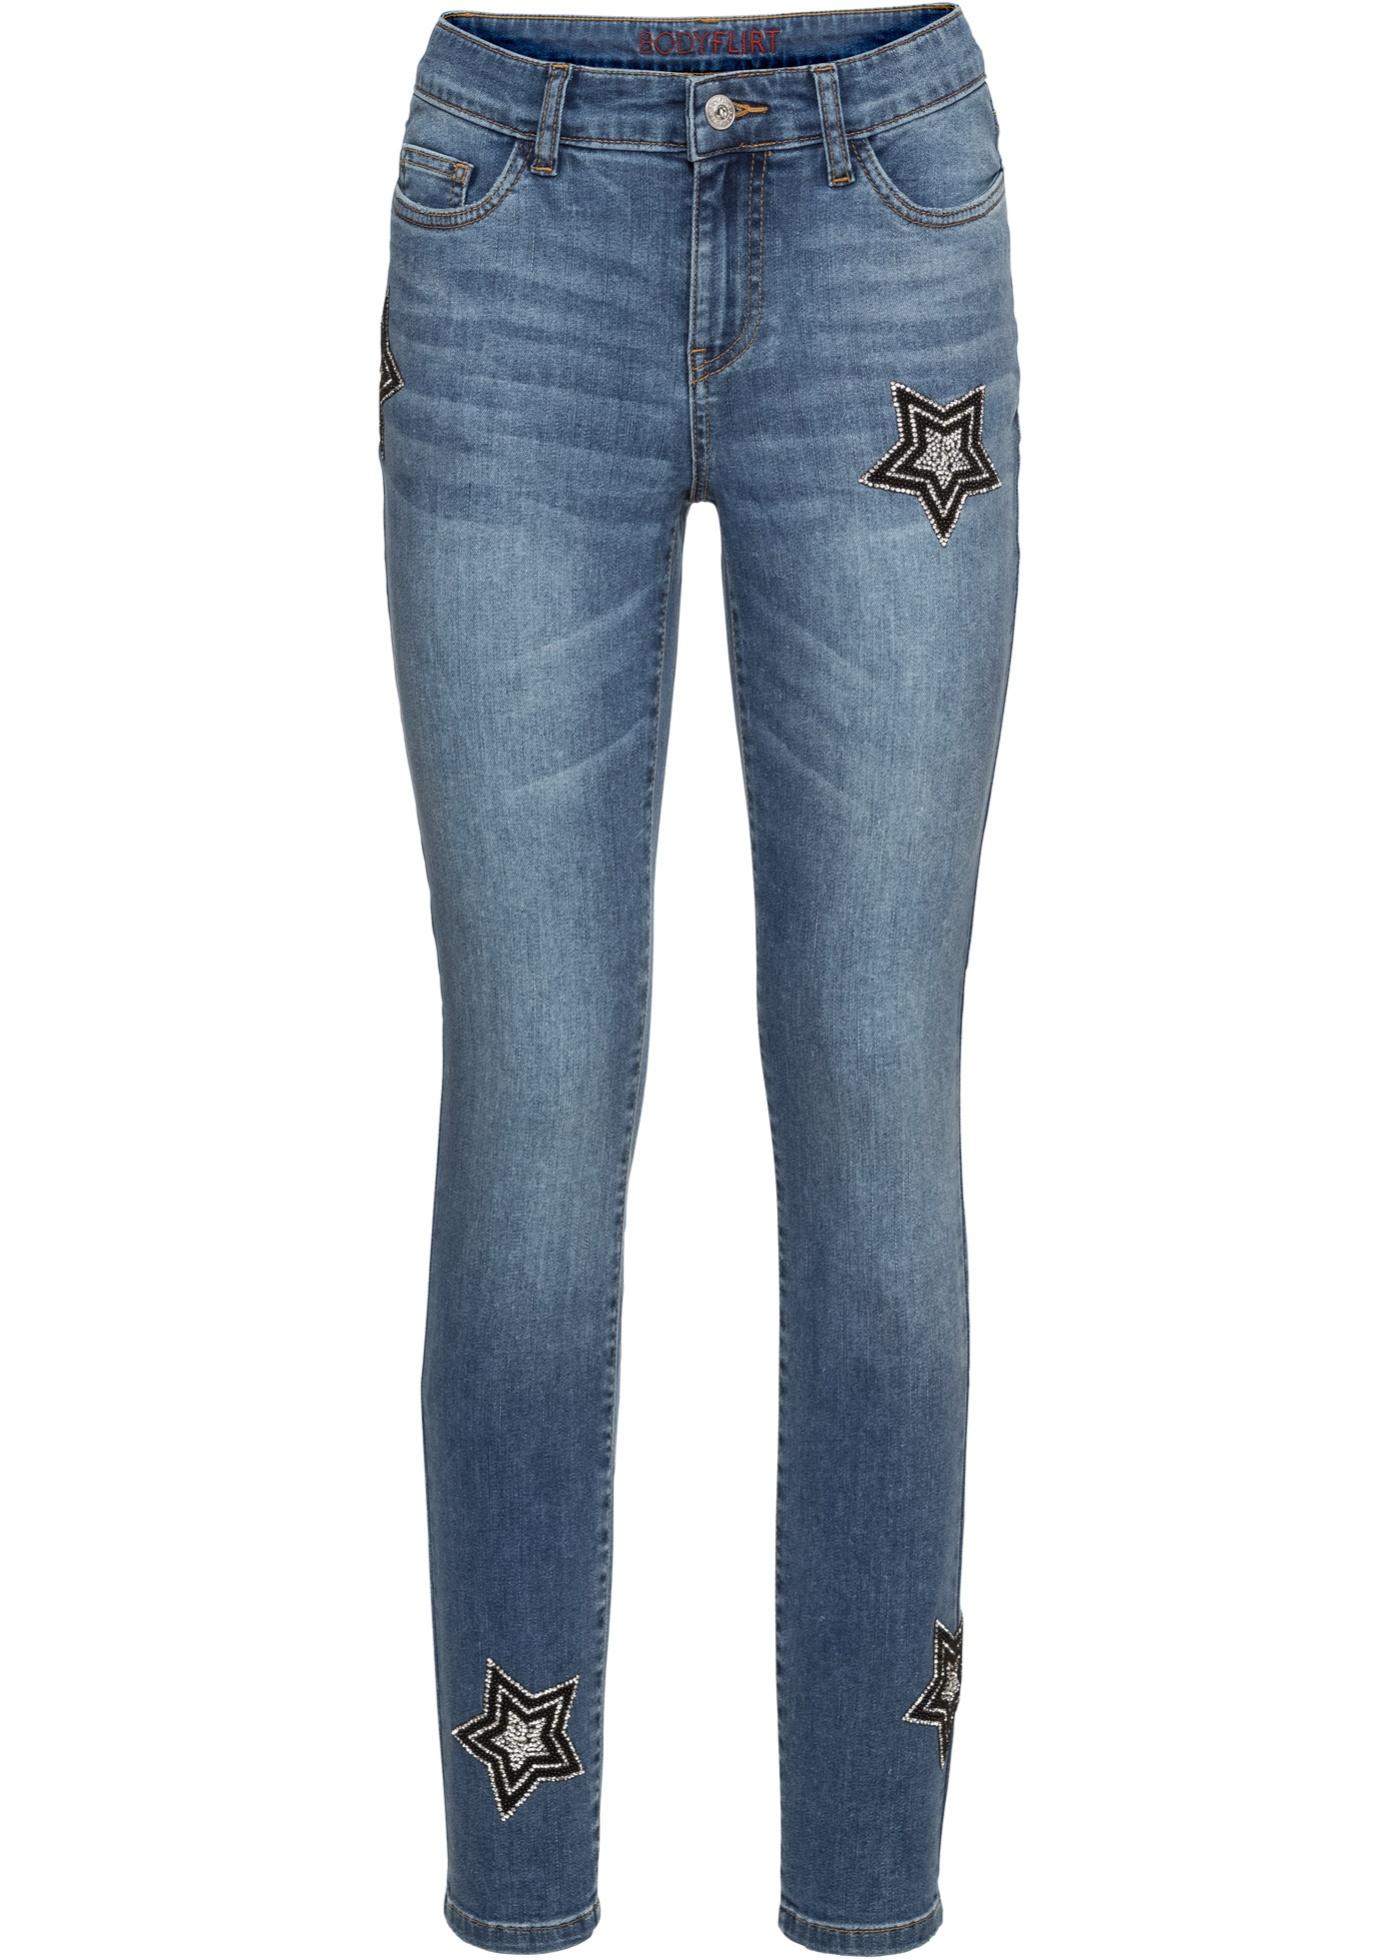 (30/1611) Bpc Spodnie Jeansy Skinny r36 pas 76cm